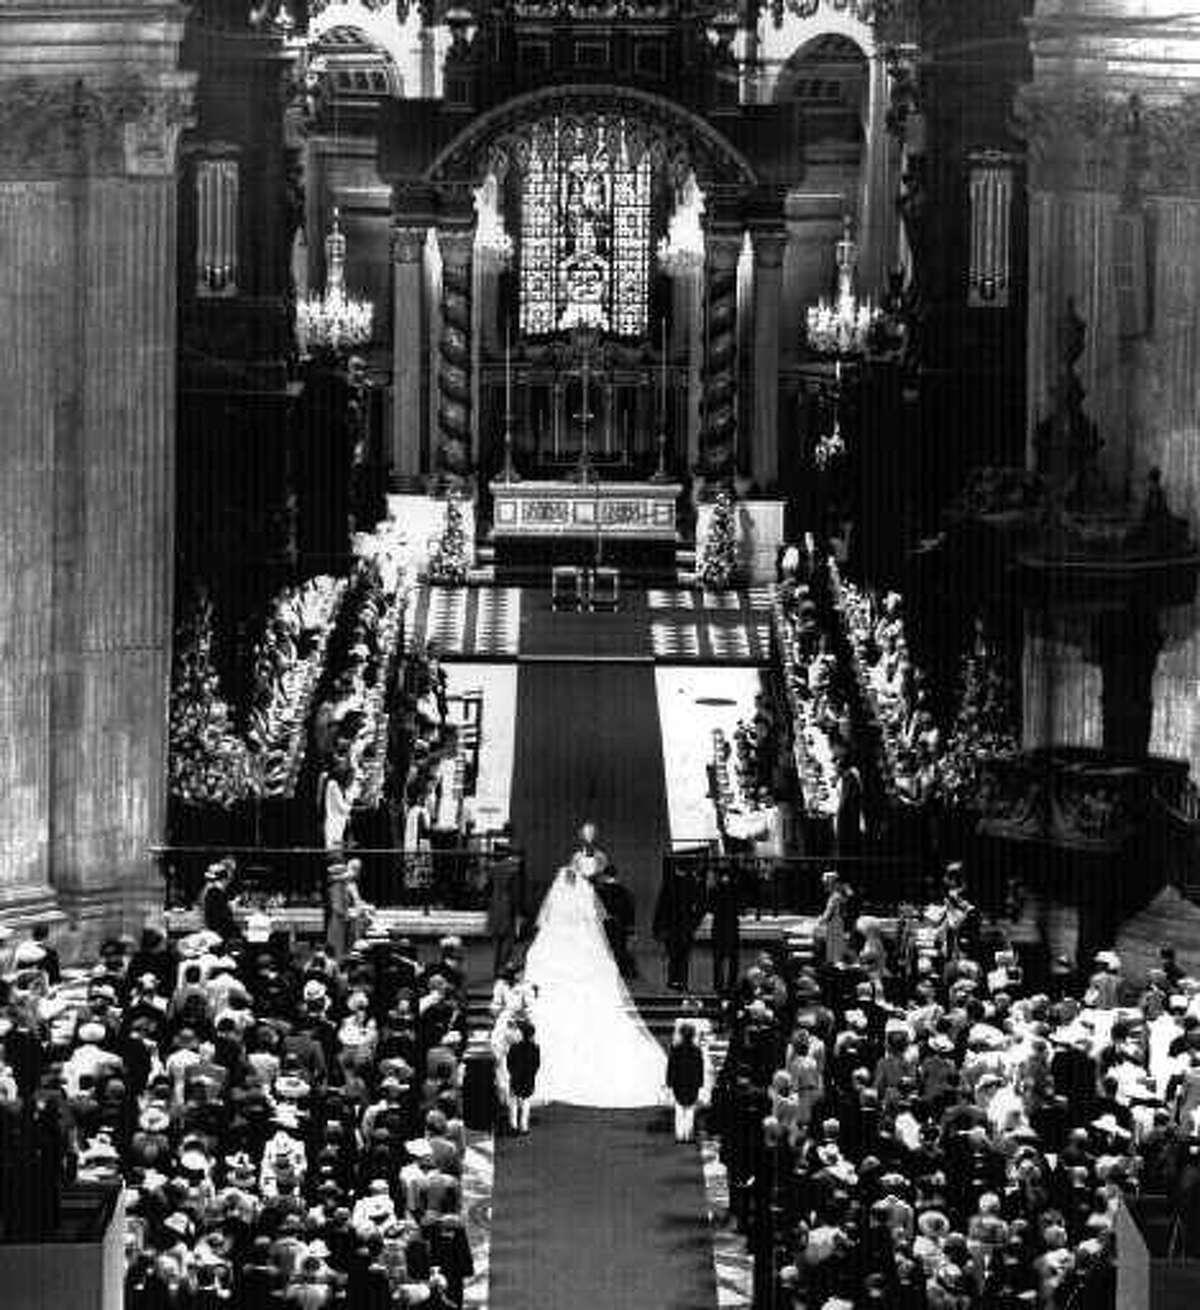 PRINCE CHARLES--England--on day of his wedding to princess Diana 7/29/81 --2-- loucks